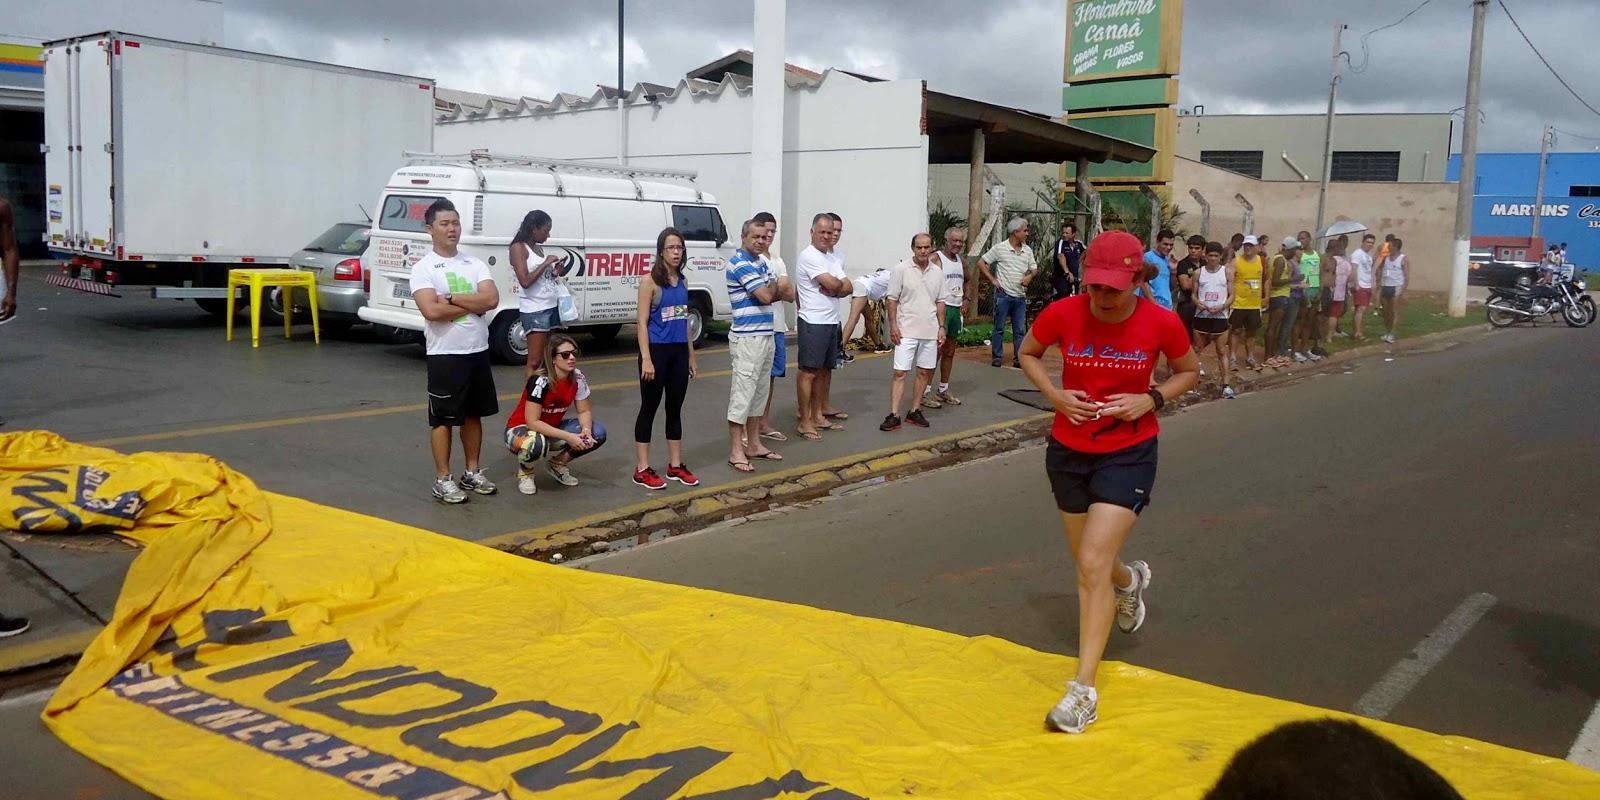 Foto 173 da 1ª Corrida Av. dos Coqueiros em Barretos-SP 14/04/2013 – Atletas cruzando a linha de chegada